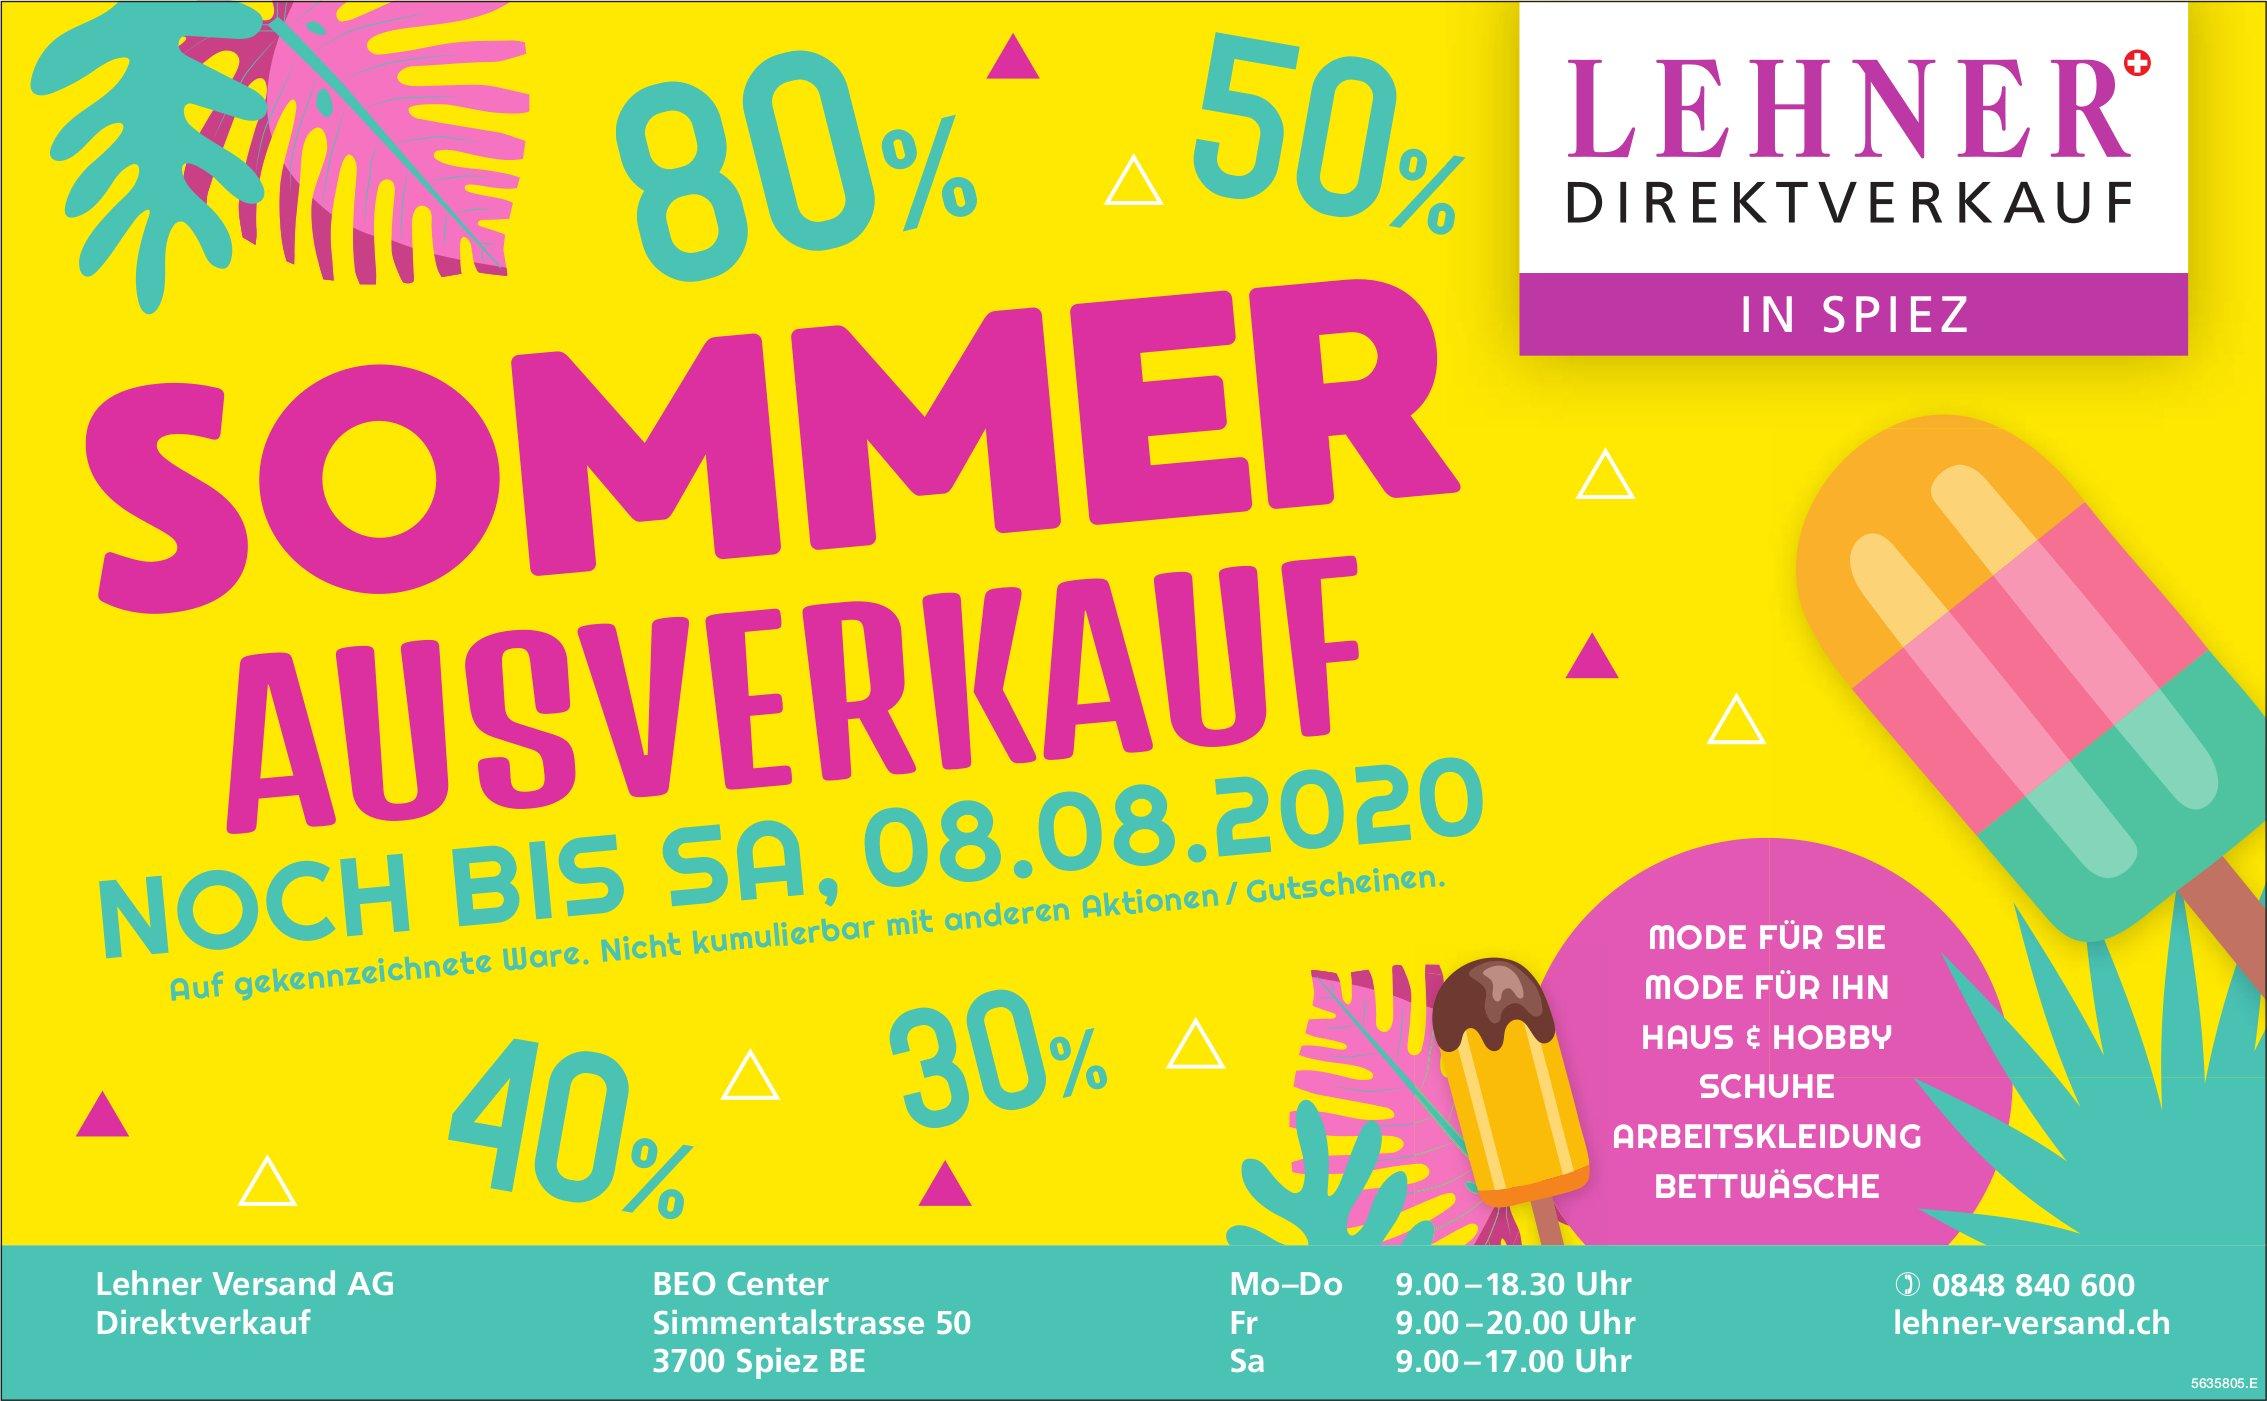 Sommer Ausverkauf - Lehner Direktverkauf in Spiez